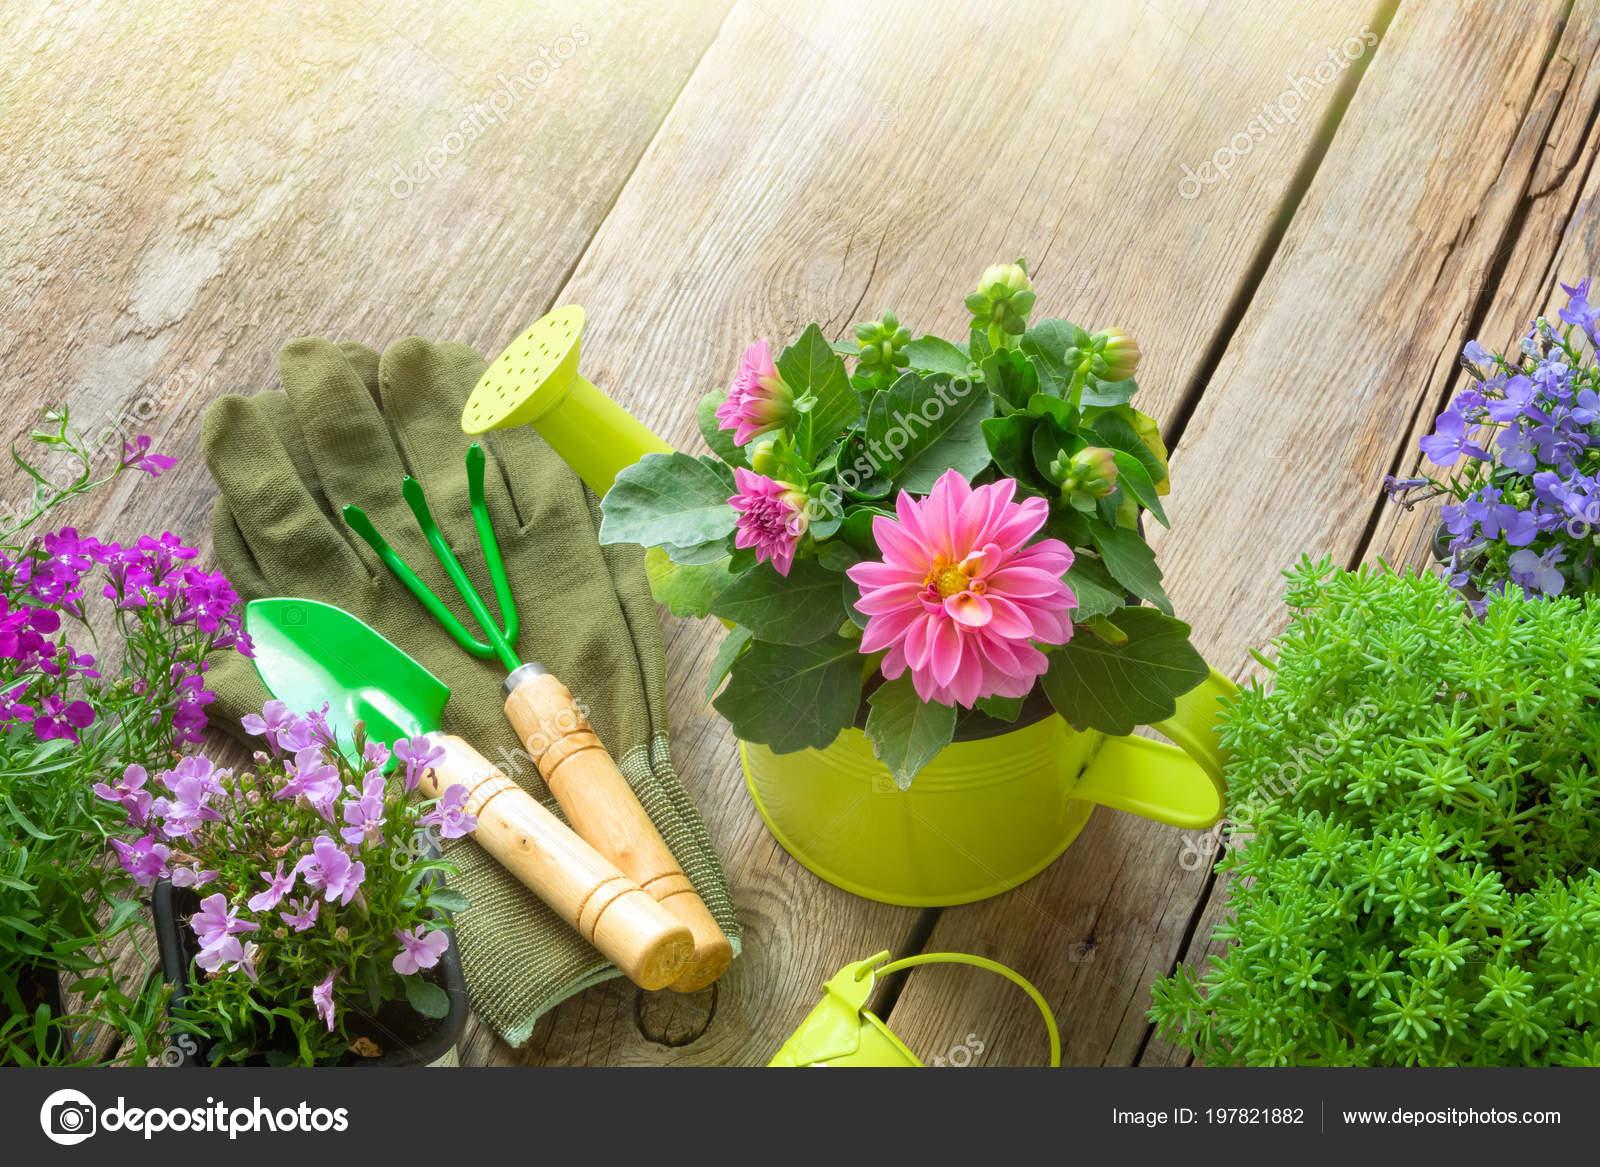 Bahçede çiçek dikim